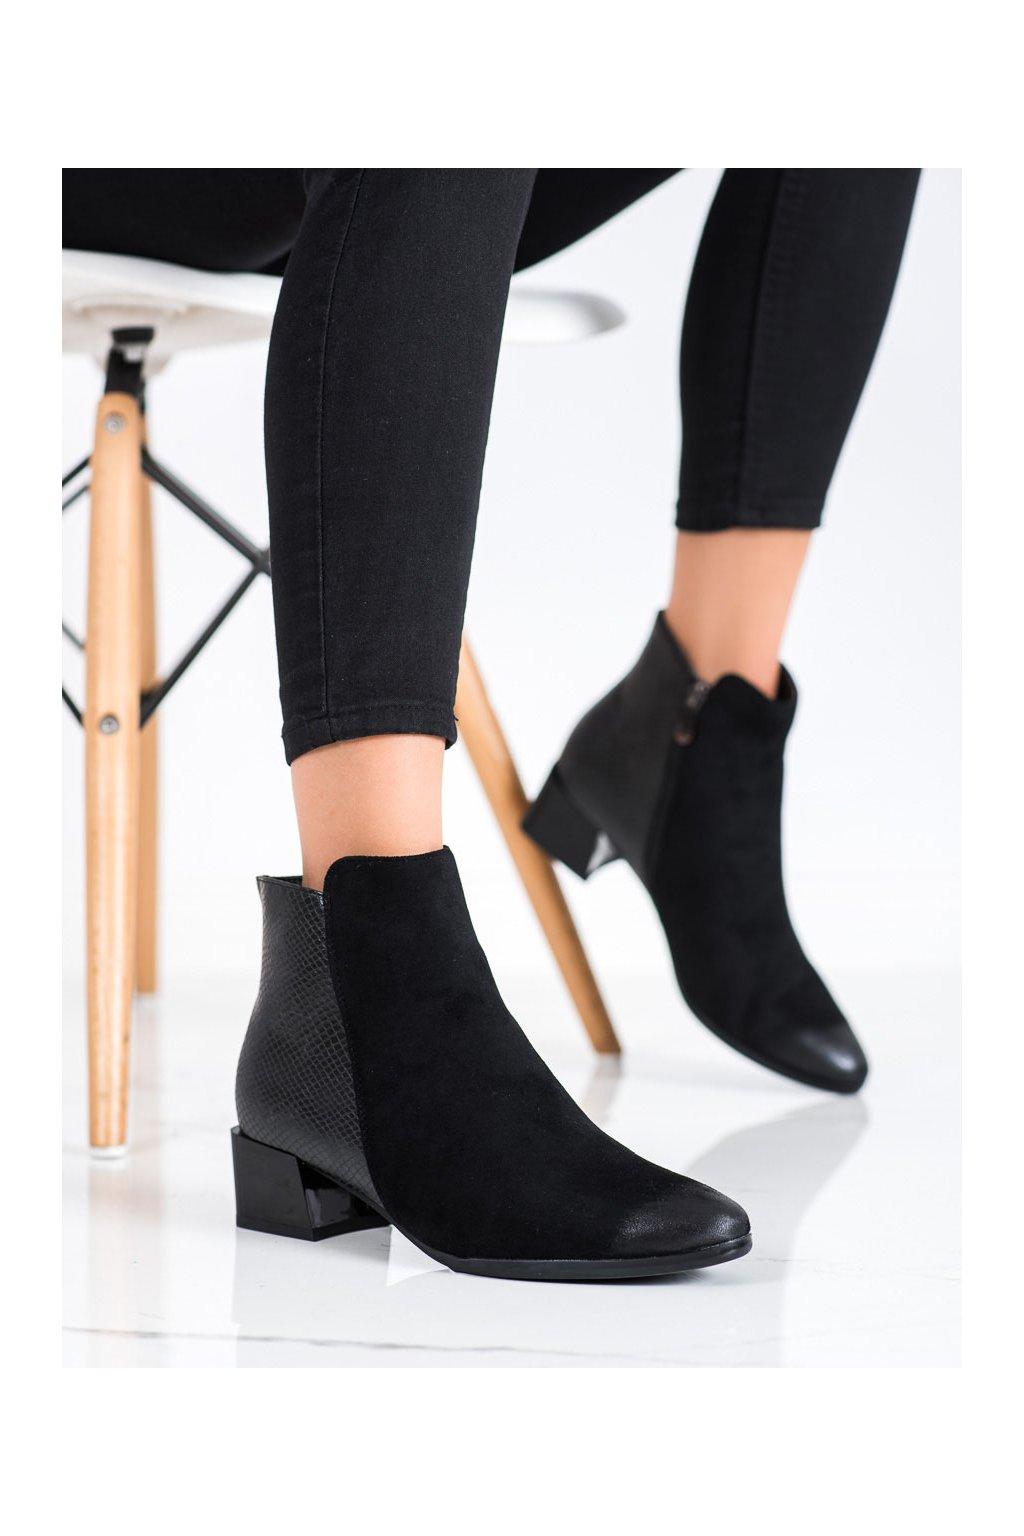 Čierne dámske topánky Vinceza kod XY22-10640B